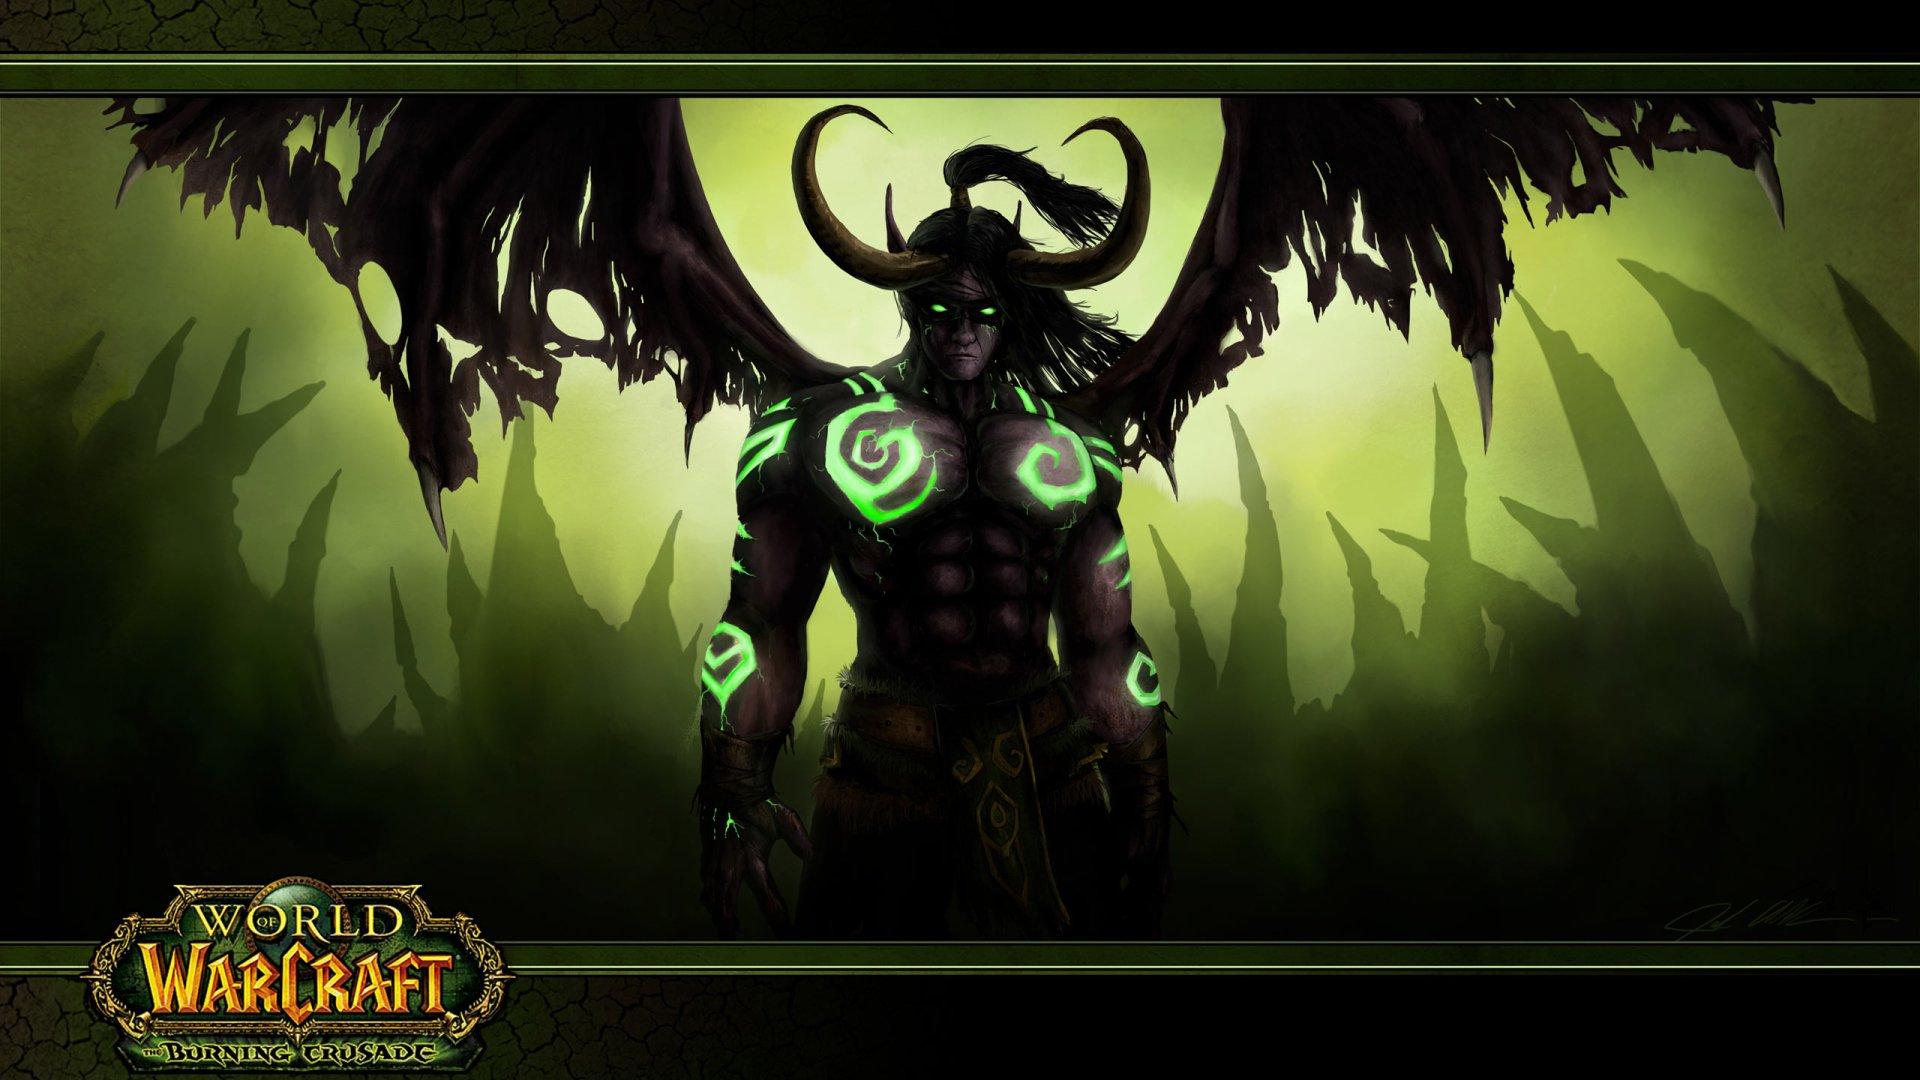 23 World Of Warcraft The Burning Crusade Fondos De Pantalla